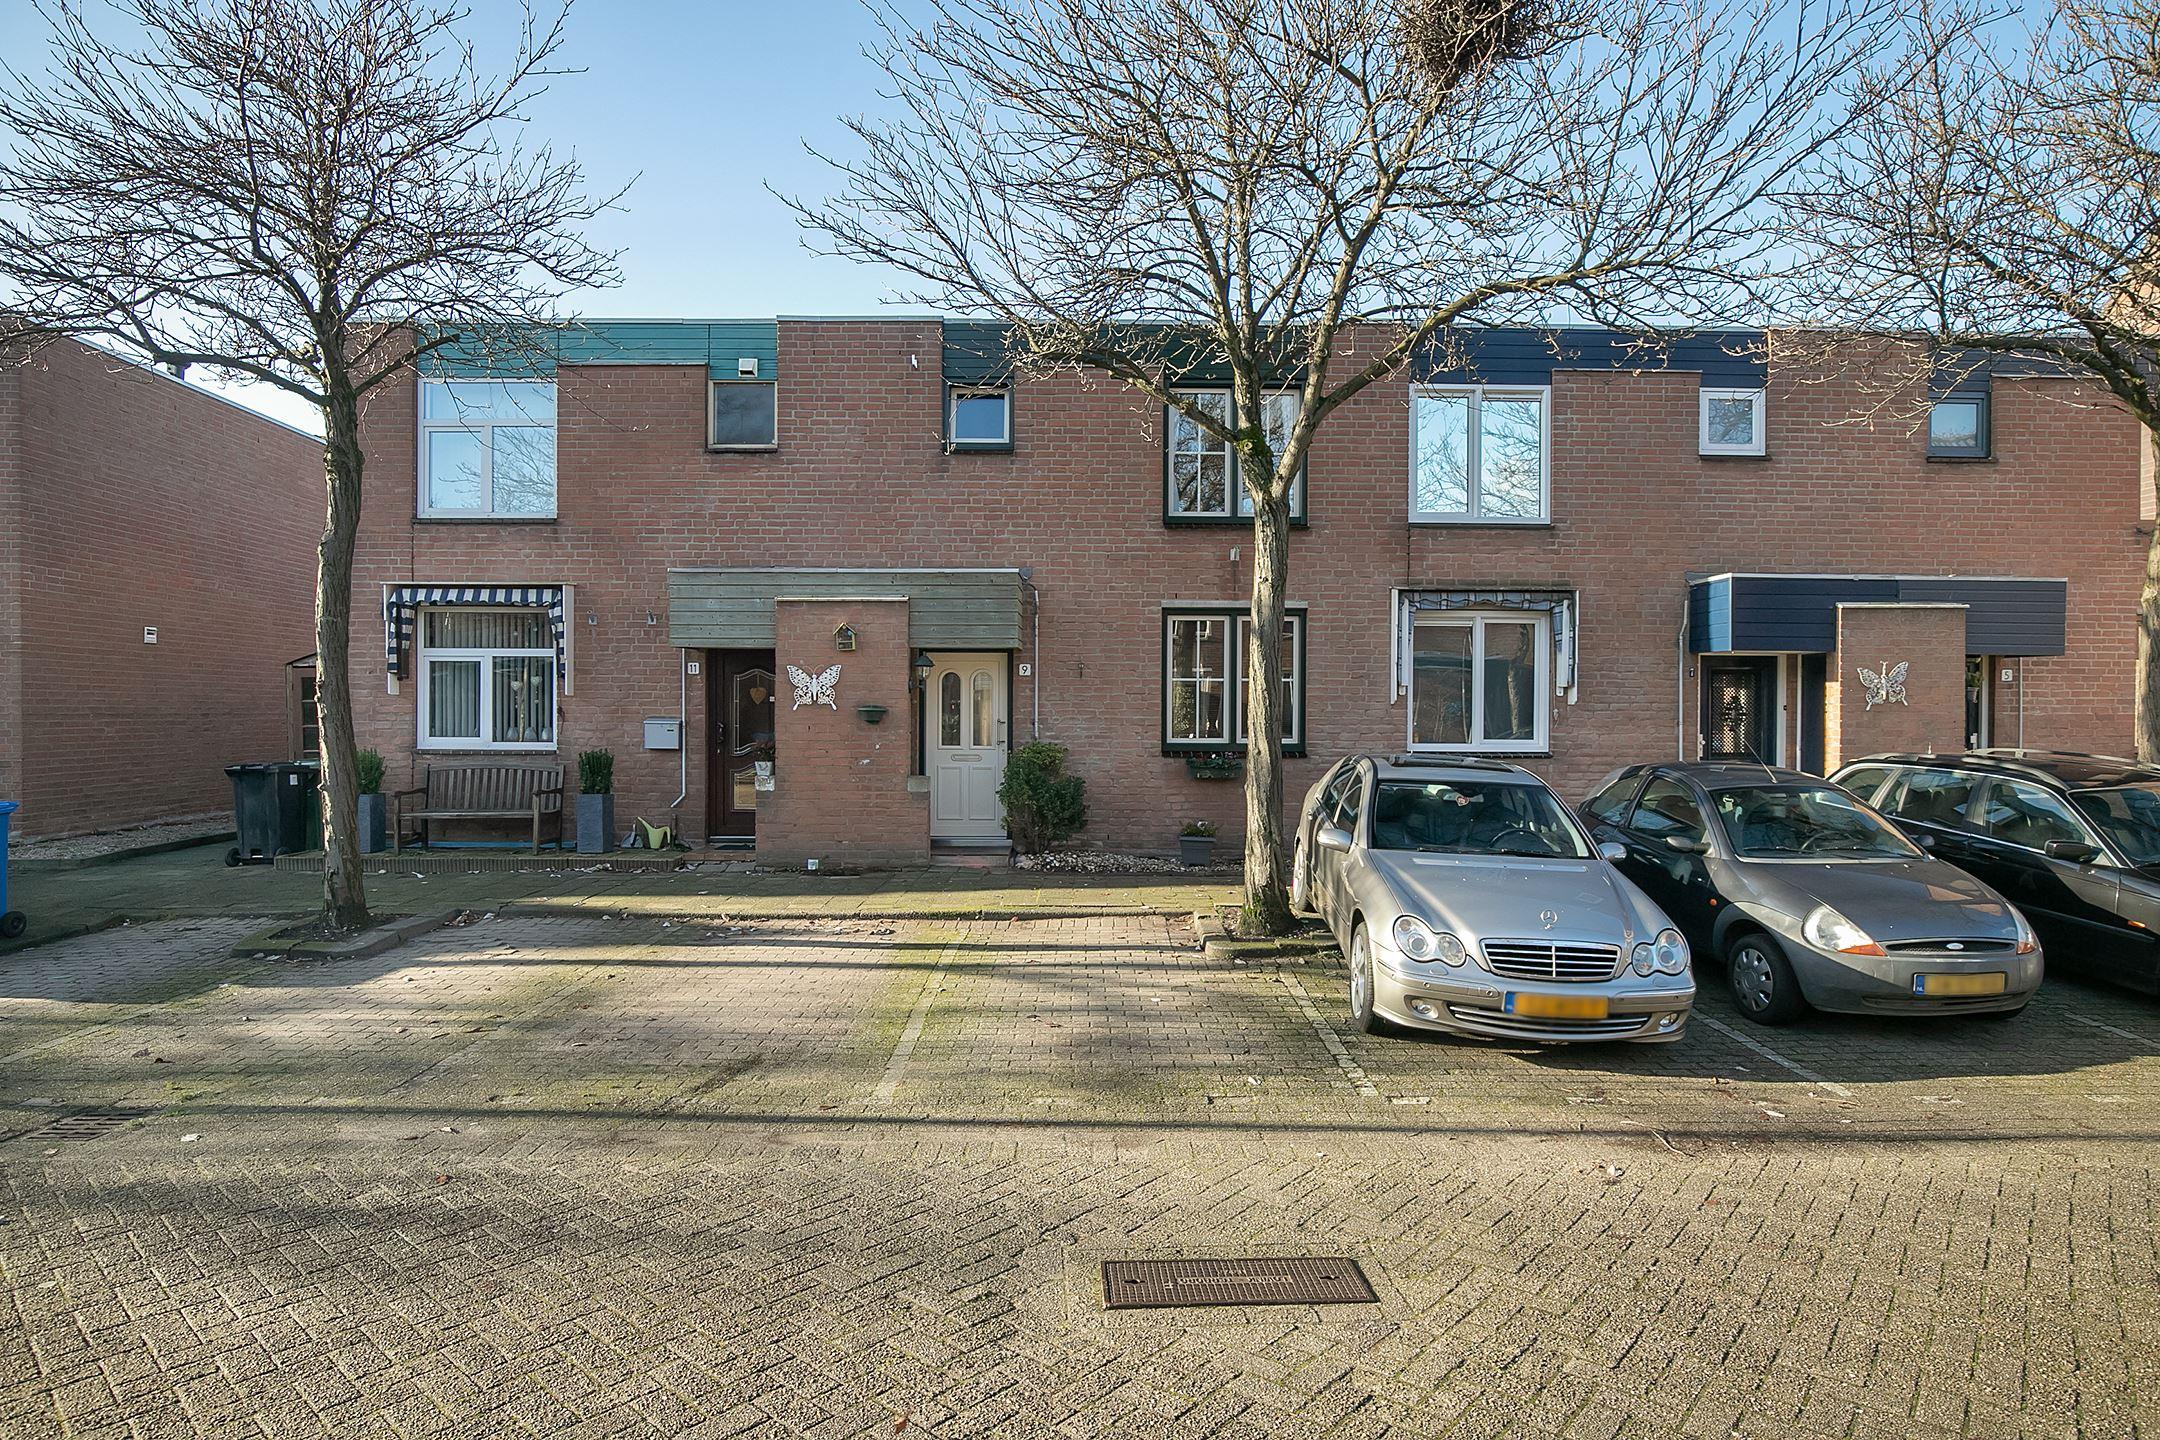 Keurig onderhouden en modern ingericht 2 laags woonhuis met fantastische 12 meter diepe achtertuin op het westen. Gelegen in Rotterdam Oosterflank